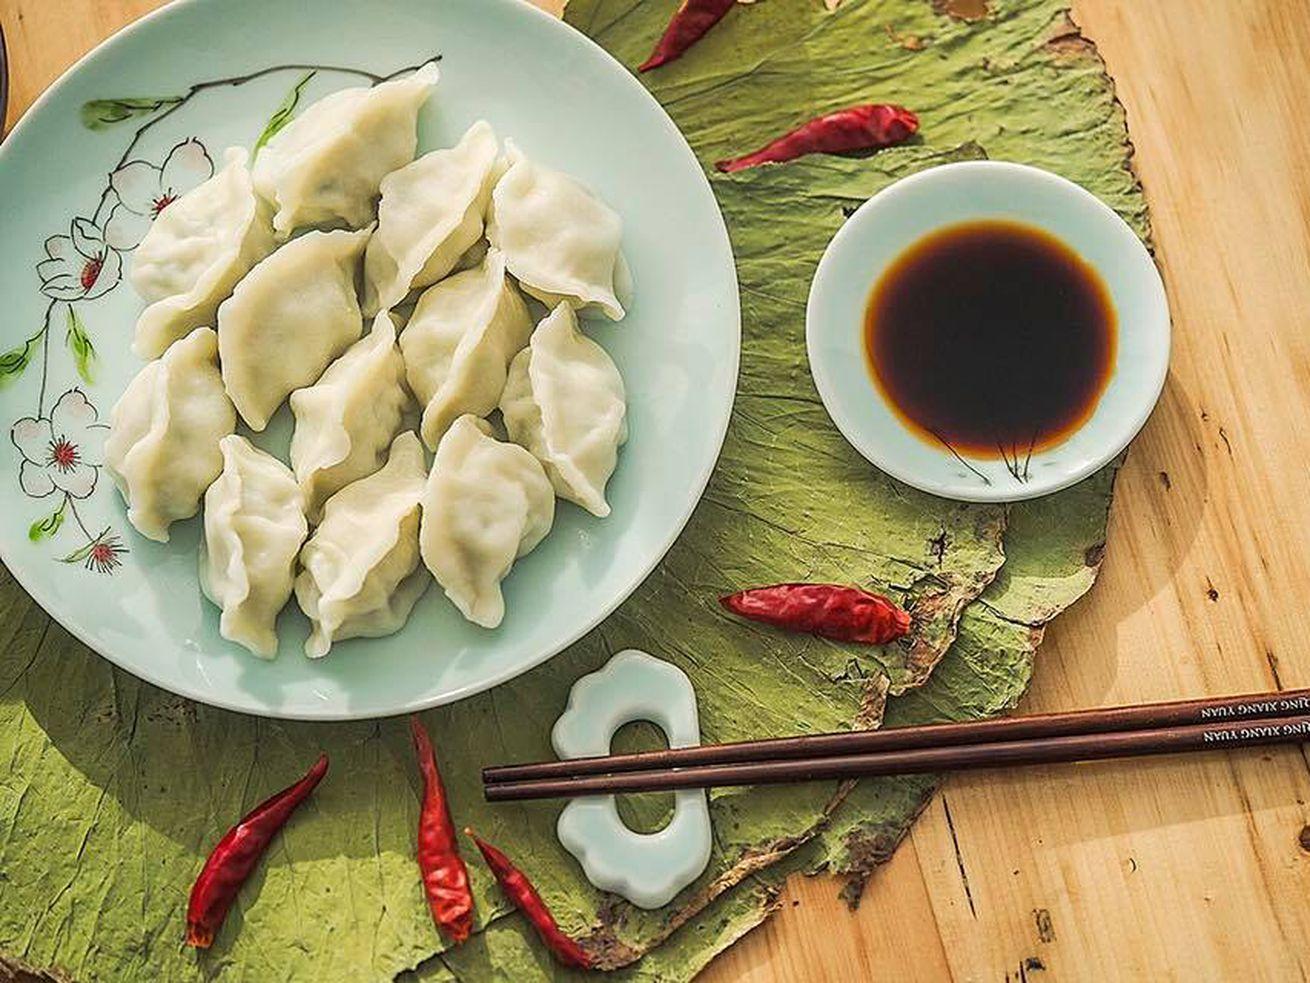 Qing Xiang Yuan Dumplings are homemade.